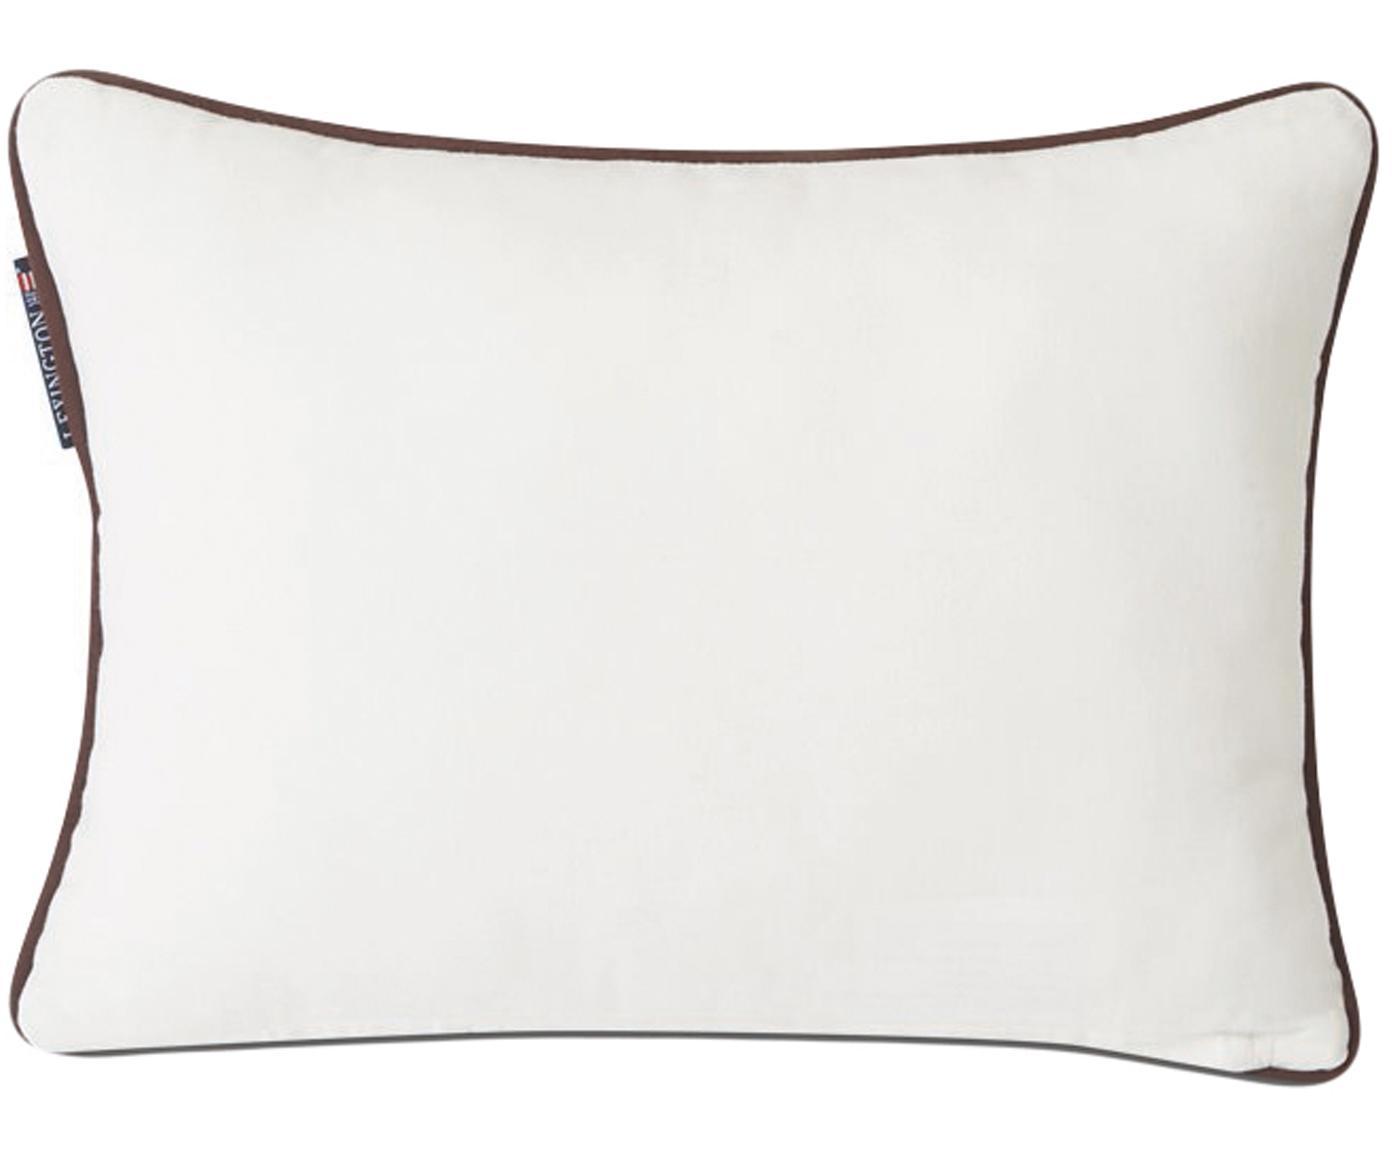 Poszewka na poduszkę z lamówką Inga, Bawełna, poliester z recyklingu, Biały, brązowy, S 30 x D 40 cm